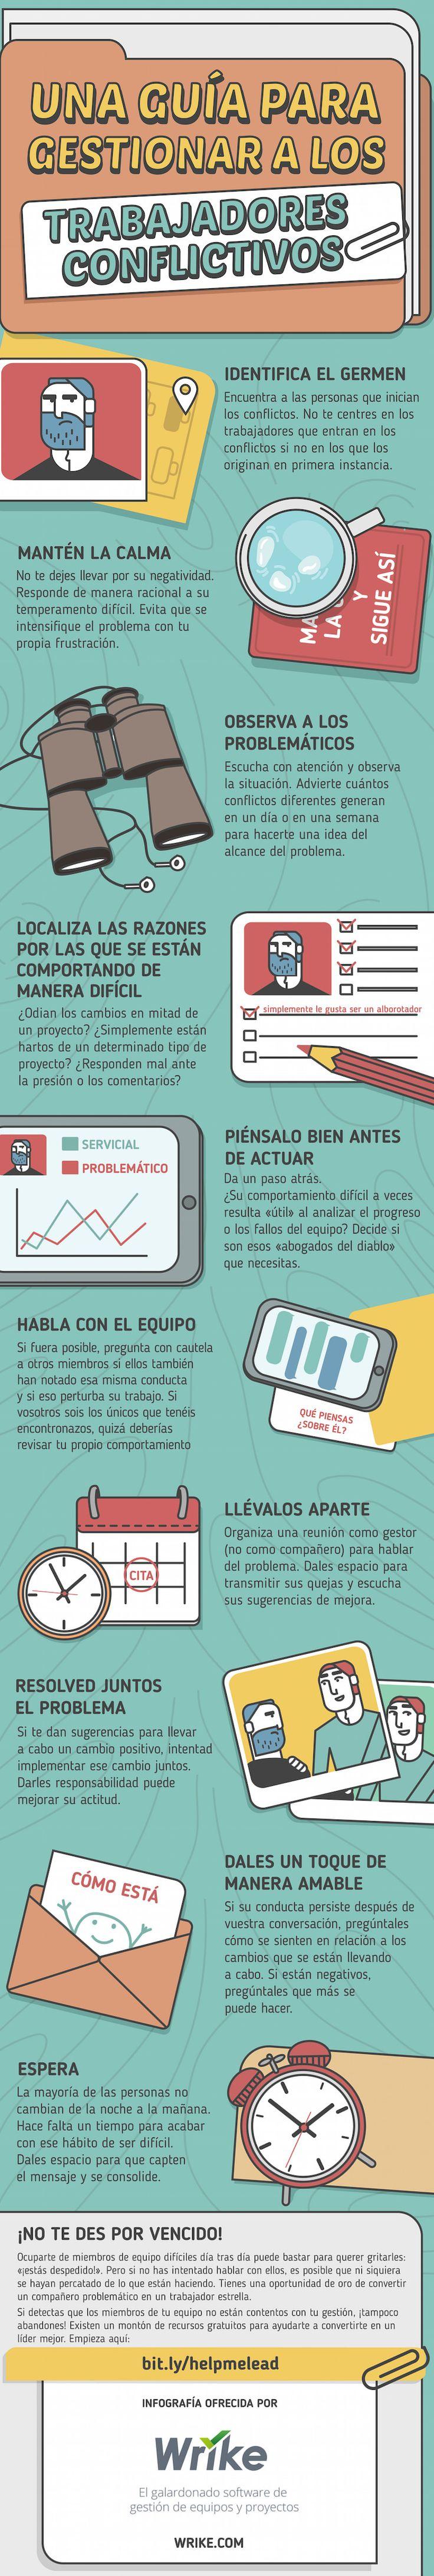 Hola: Una infografía con una Guía para gestionar trabajadores conflictivos. Vía Un saludo Infografía ofrecida por Wrike